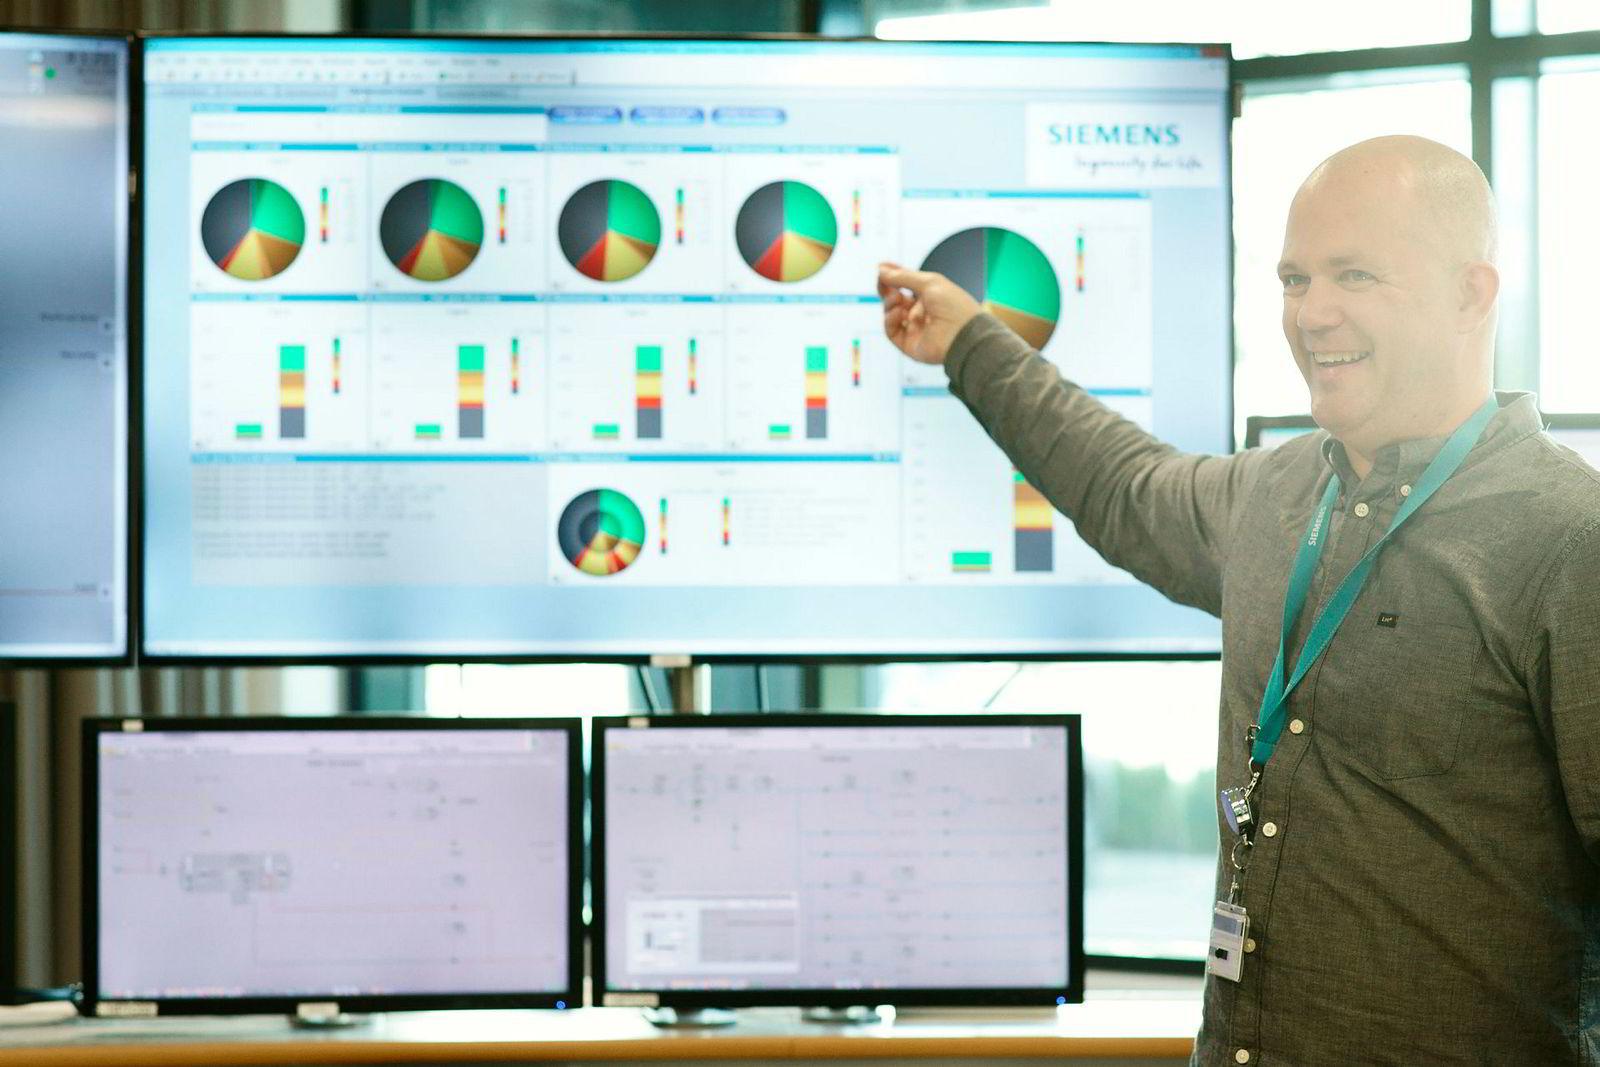 Salgsingeniør Hans Erik Raustein viser hvordan planned obsolescence håndteres i Siemens. – Denne måten å visualisere på er utrolig effektfull, og hjelper både våre ingeniører og kundene, sier Raustein.